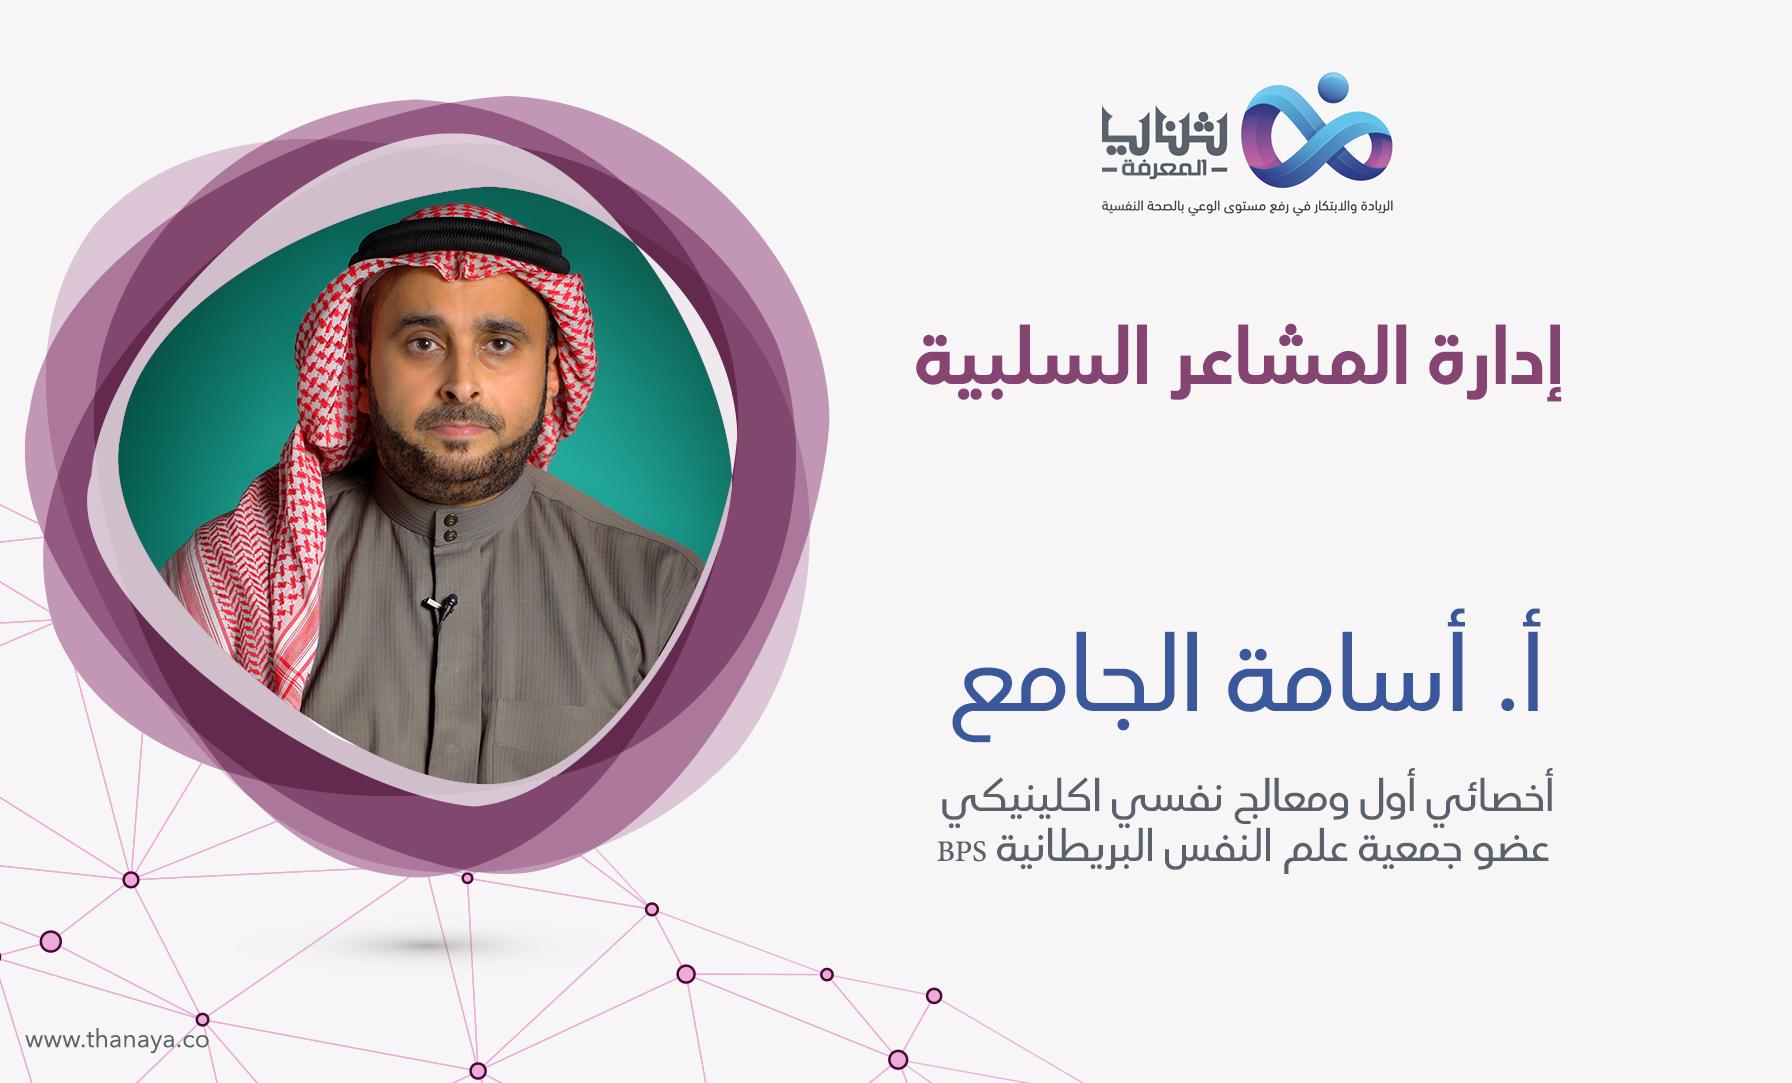 أسامة الجامع - إدارة المشاعر السلبية. مع الاخصائي والمعالج النفسي / أسامة الجامع